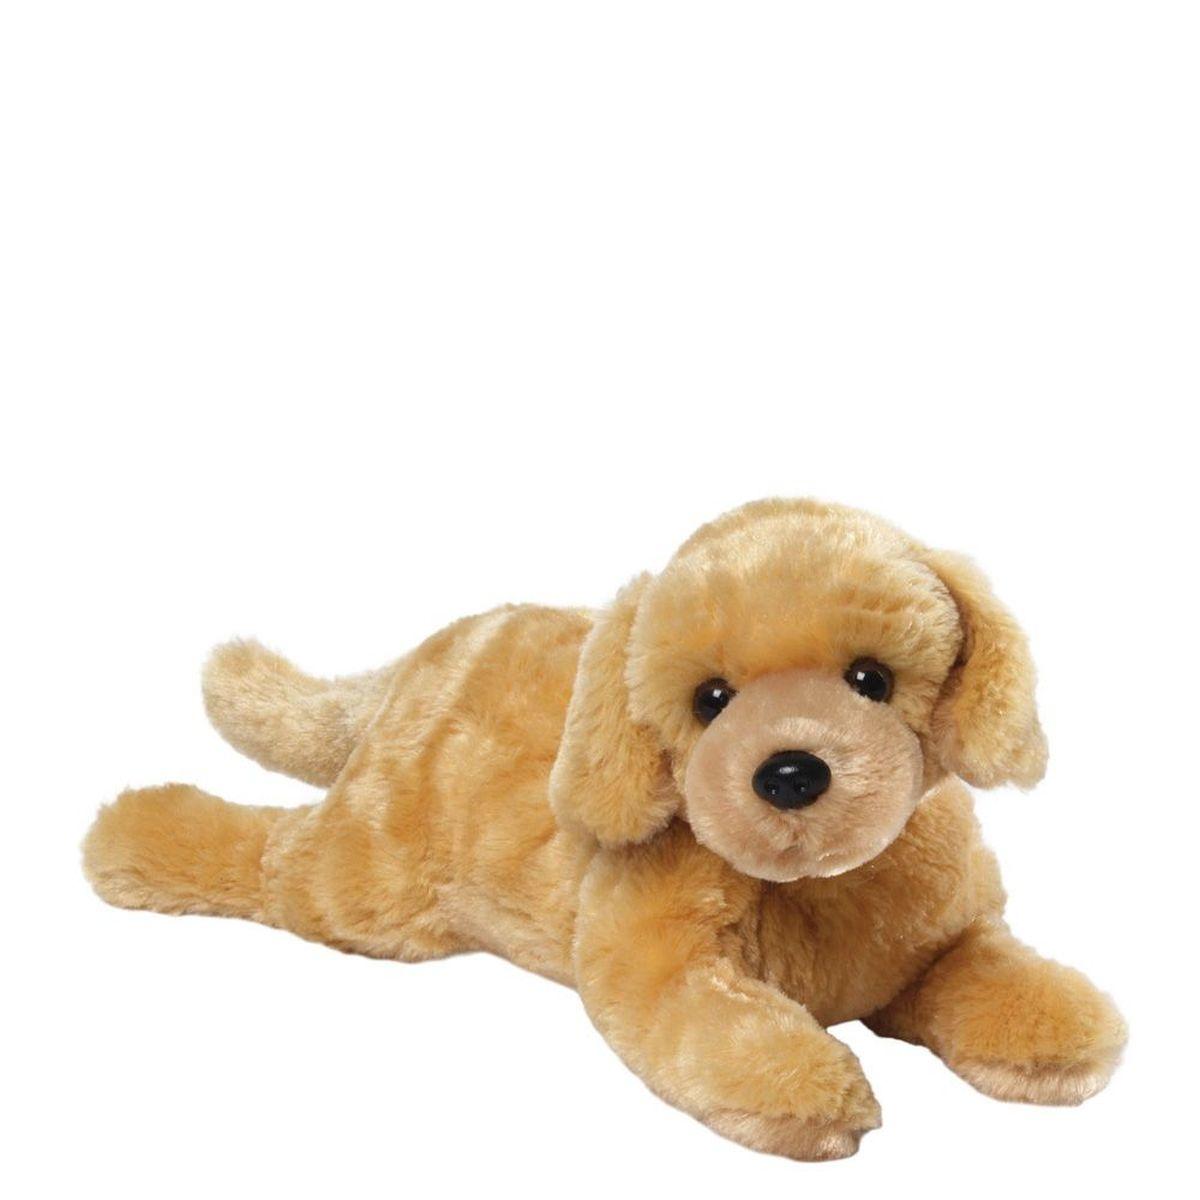 Купить Gund Мягкая игрушка Graham 12, 5 см, Enesco, Мягкие игрушки